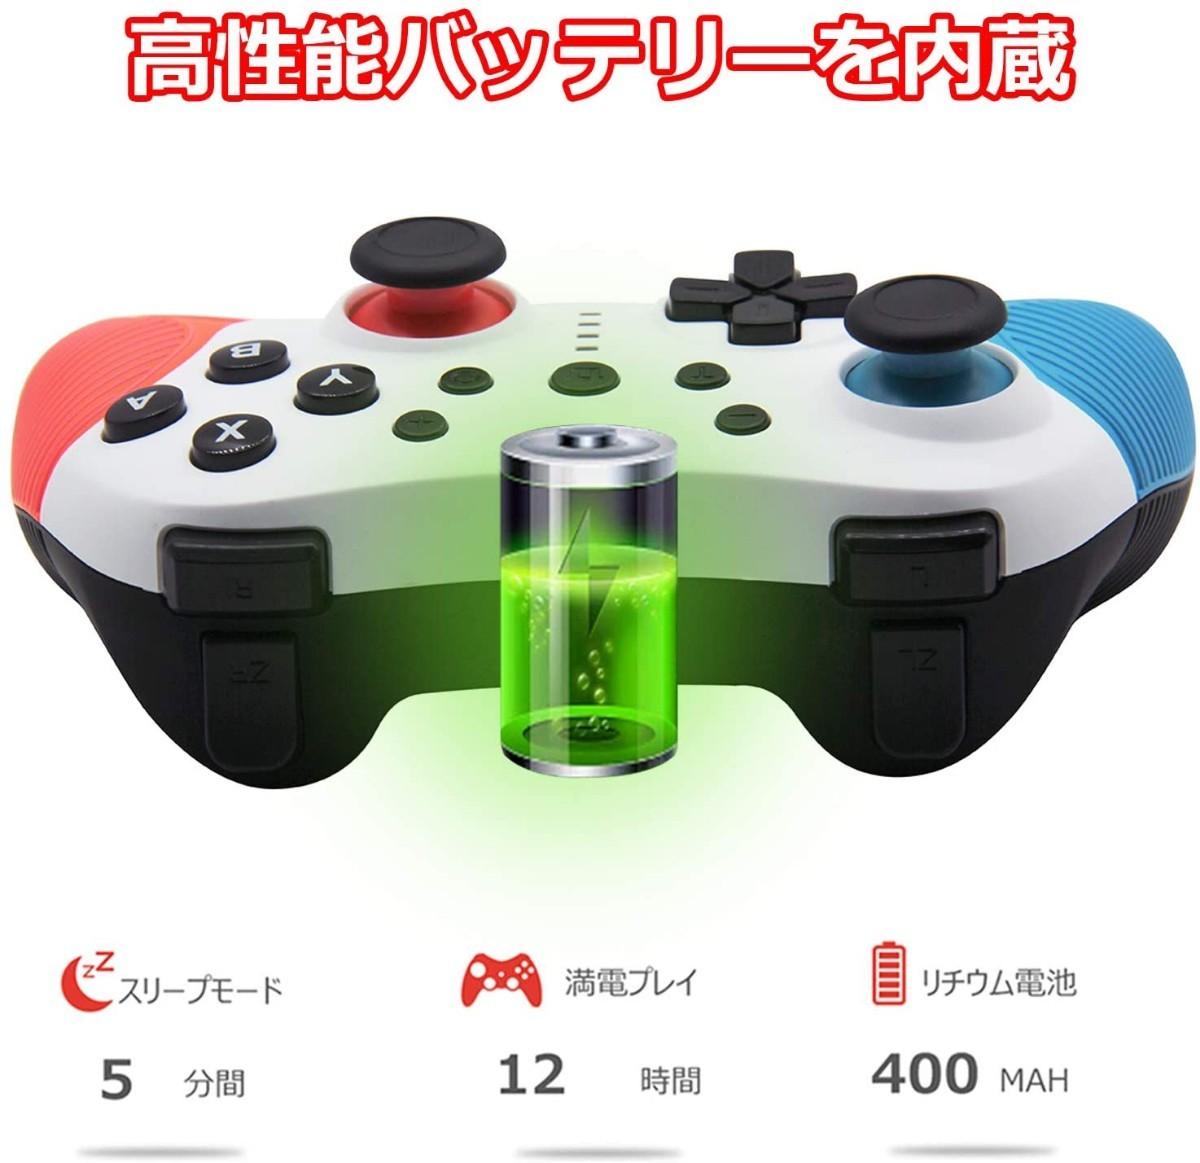 【Switch】【無線】【ジャイロセンサー搭載】【HD振動】【連射機能調整付】